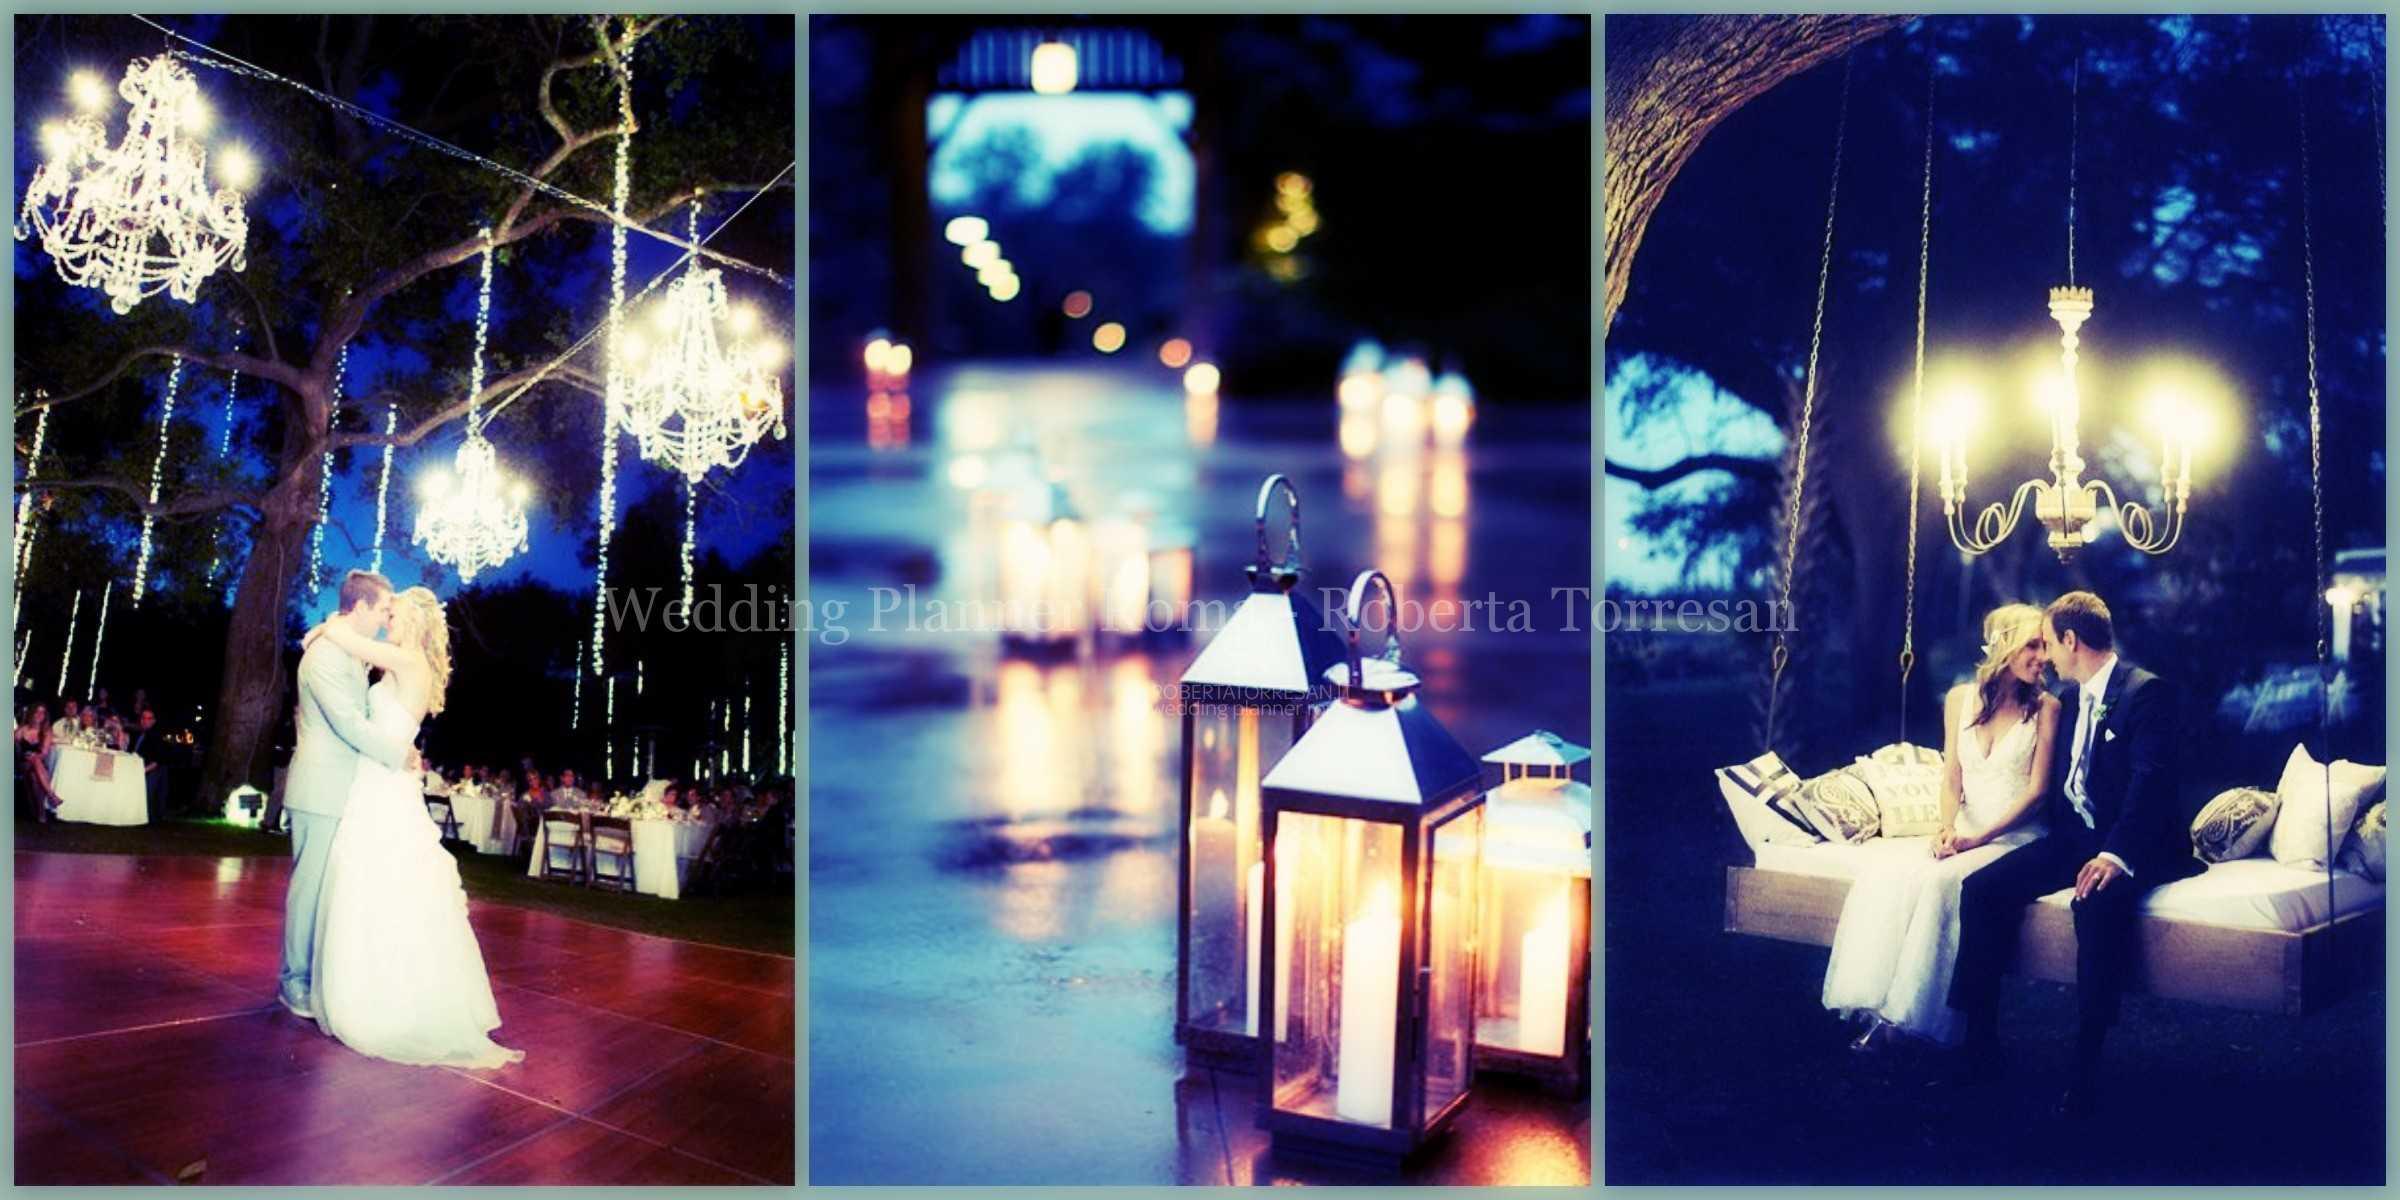 Matrimonio Tema Stelle : Matrimonio di sera la magia un ricevimento sotto le stelle